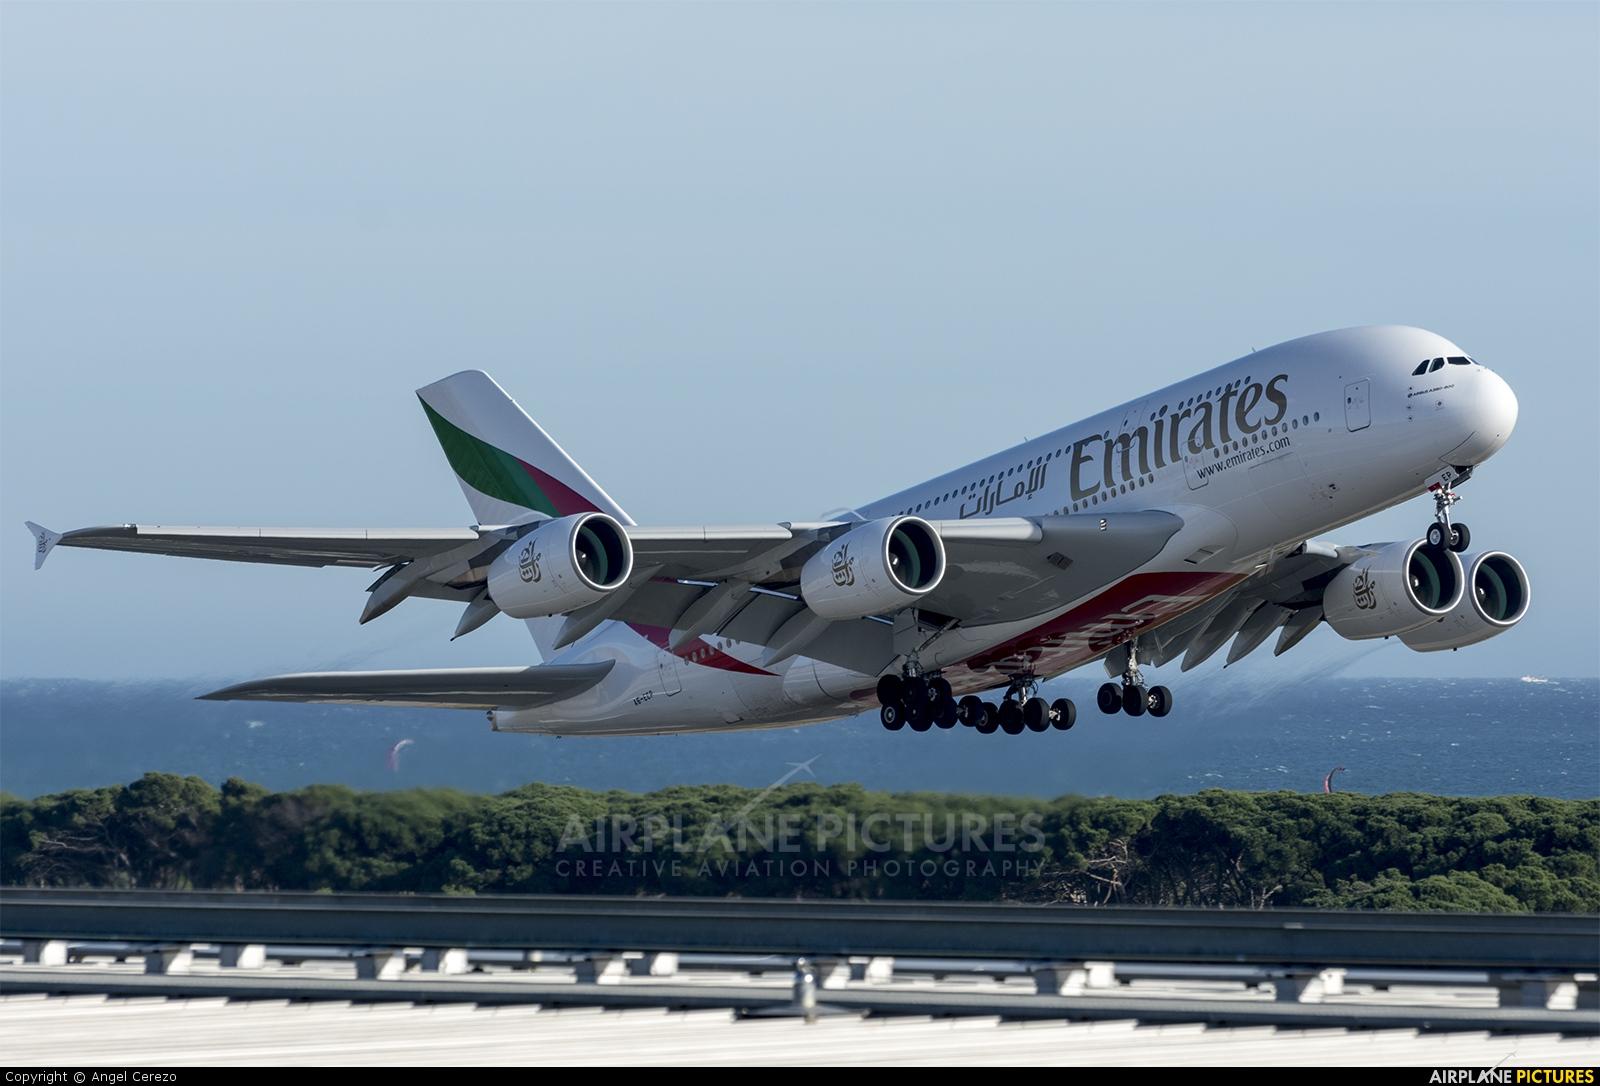 Emirates Airlines A6-EEP aircraft at Barcelona - El Prat